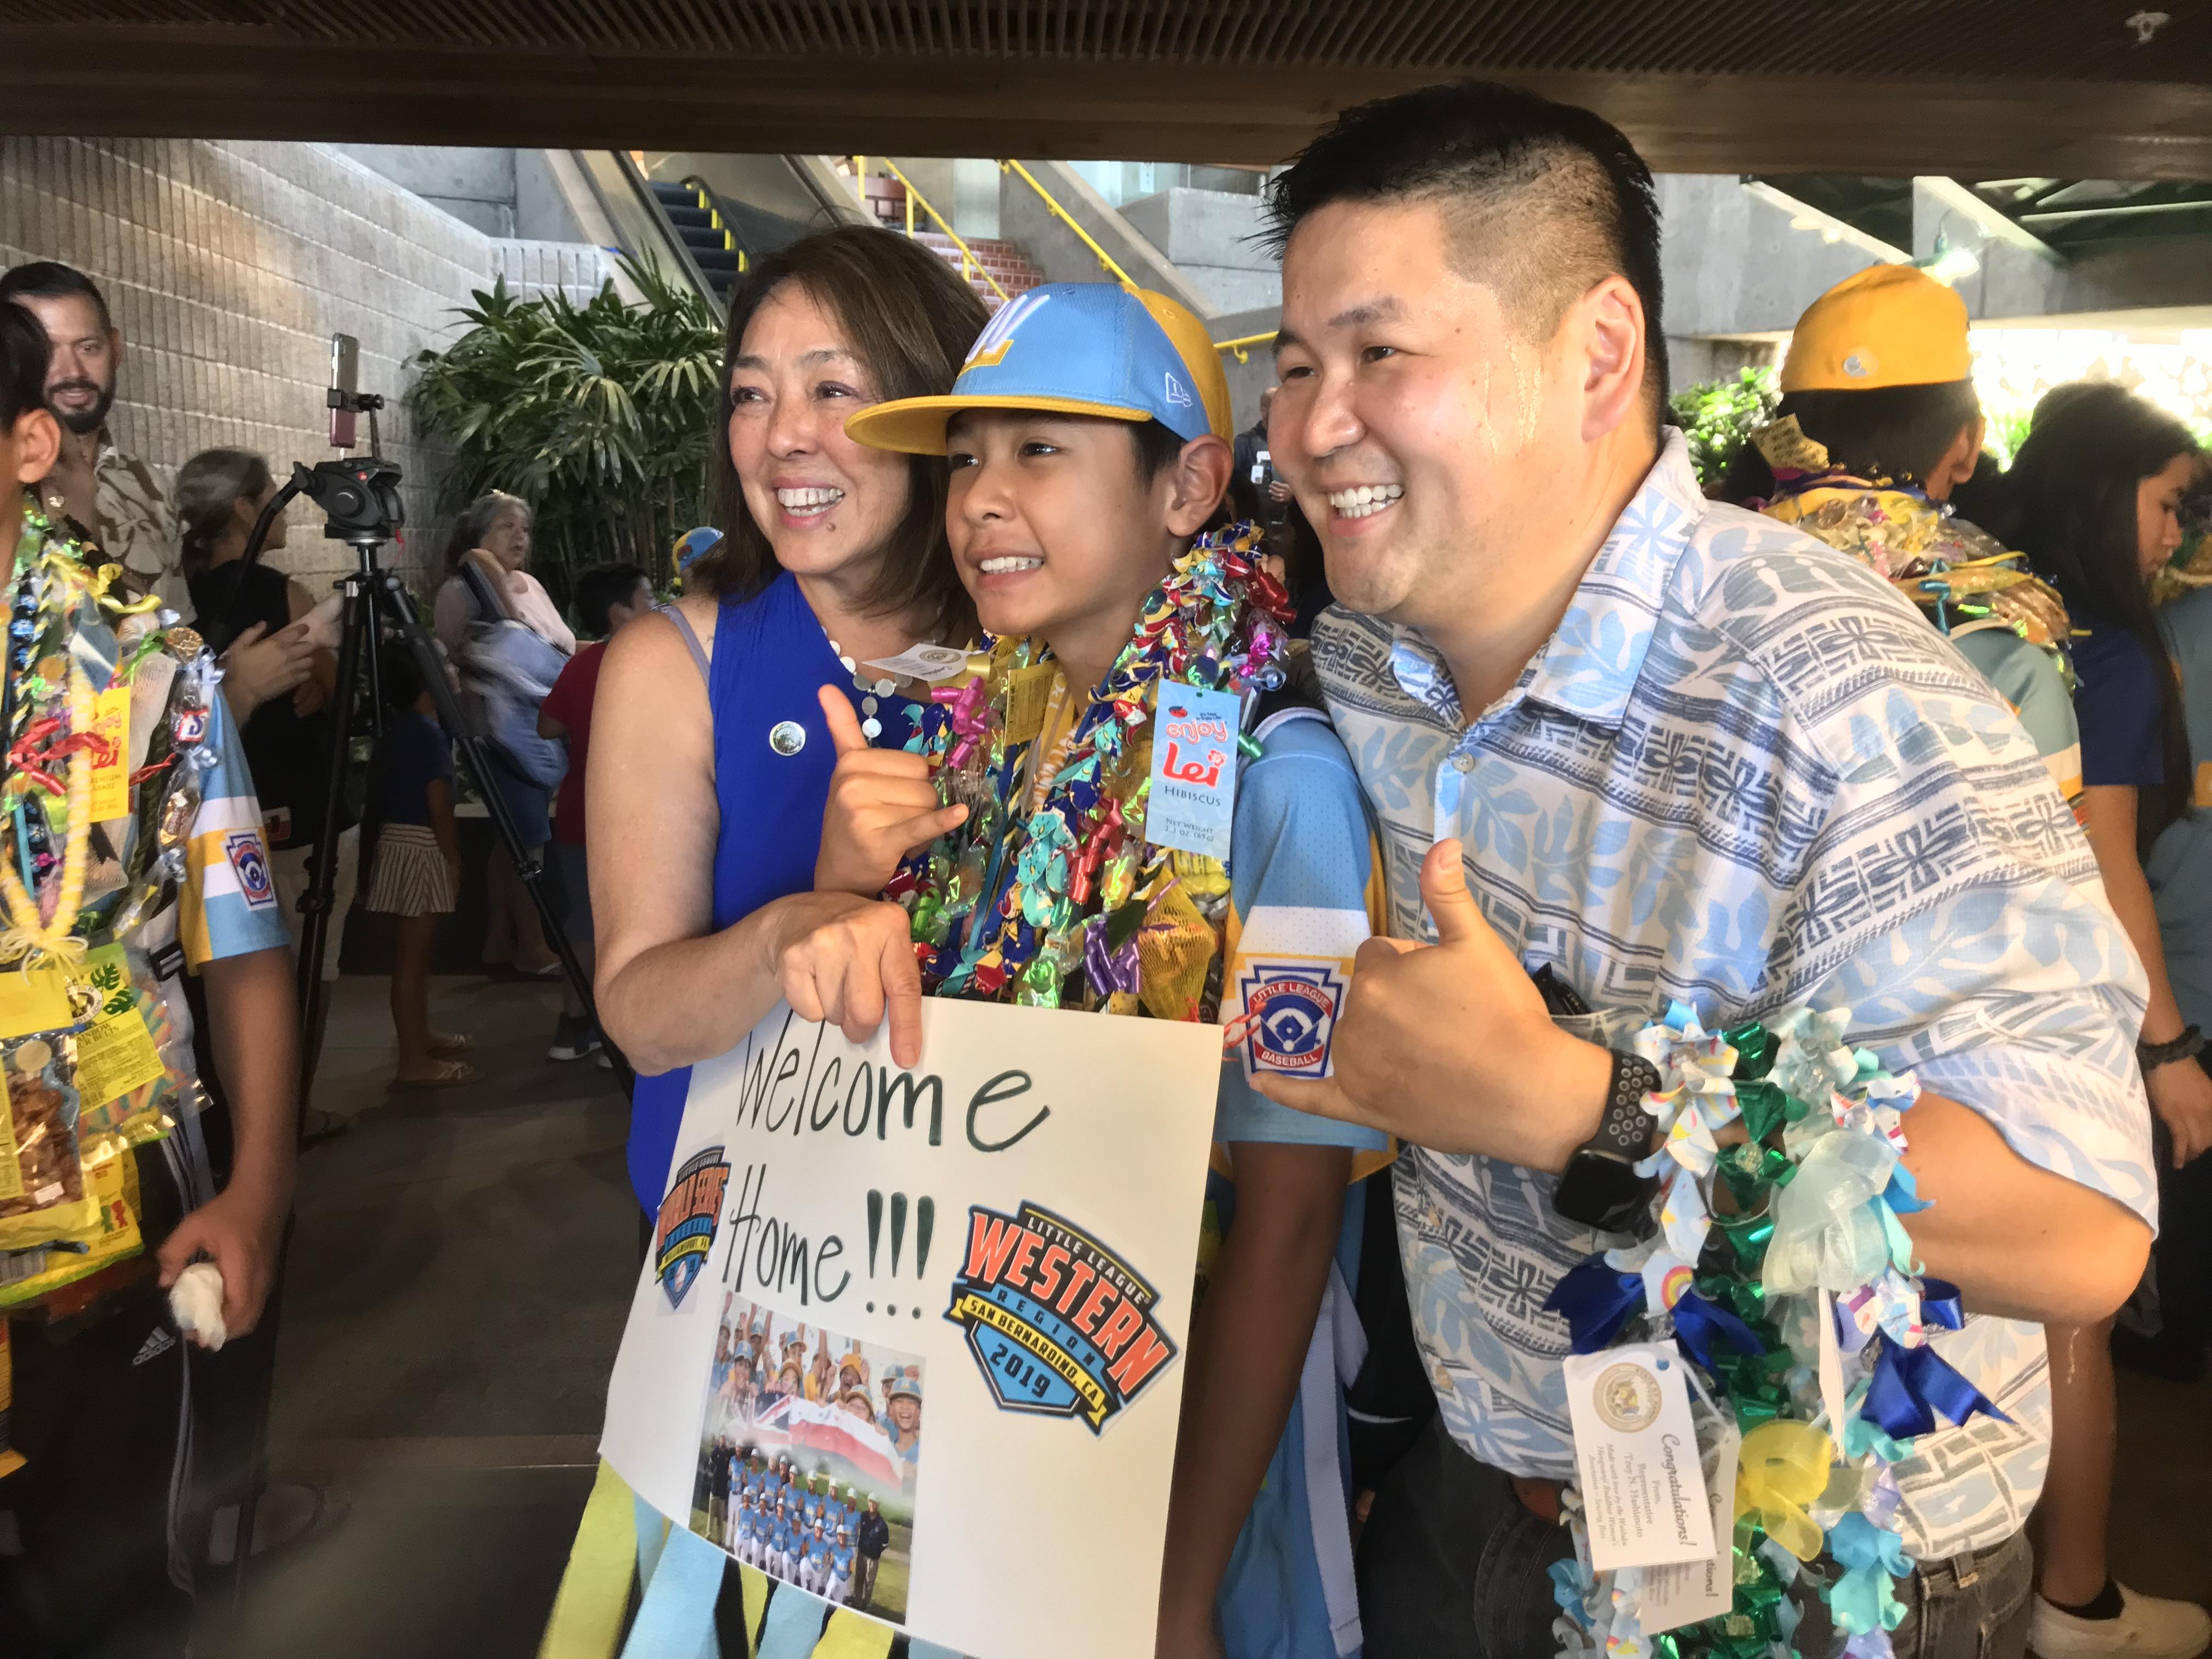 LIVE: Maui Little League Team Homecoming